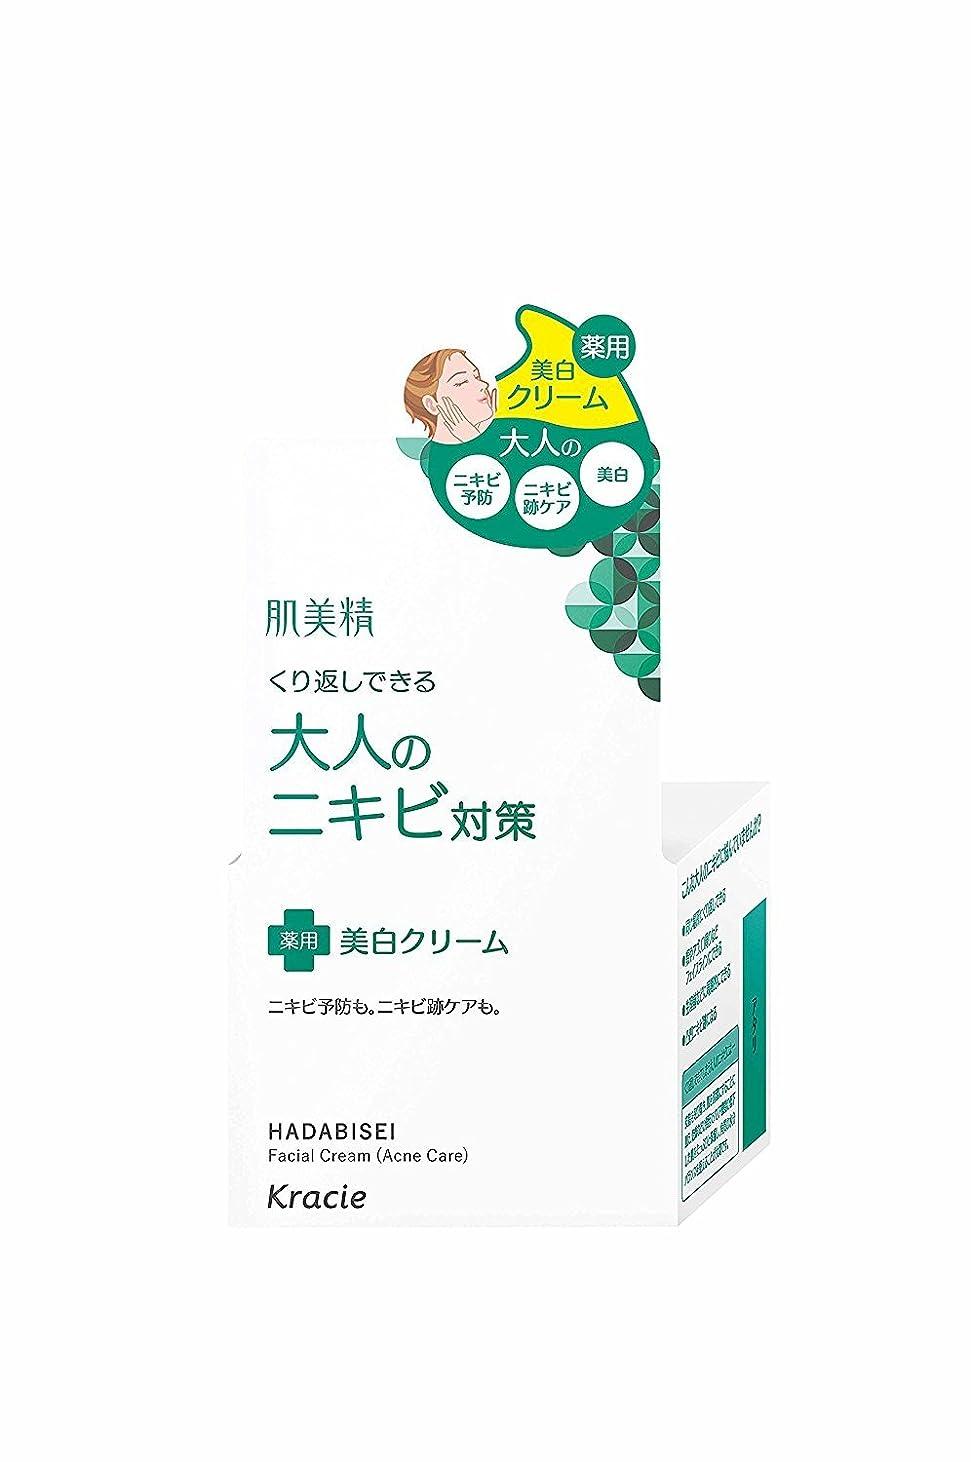 健康喜ぶマイクロプロセッサ肌美精 大人のニキビ対策 薬用美白クリーム 50g [医薬部外品]